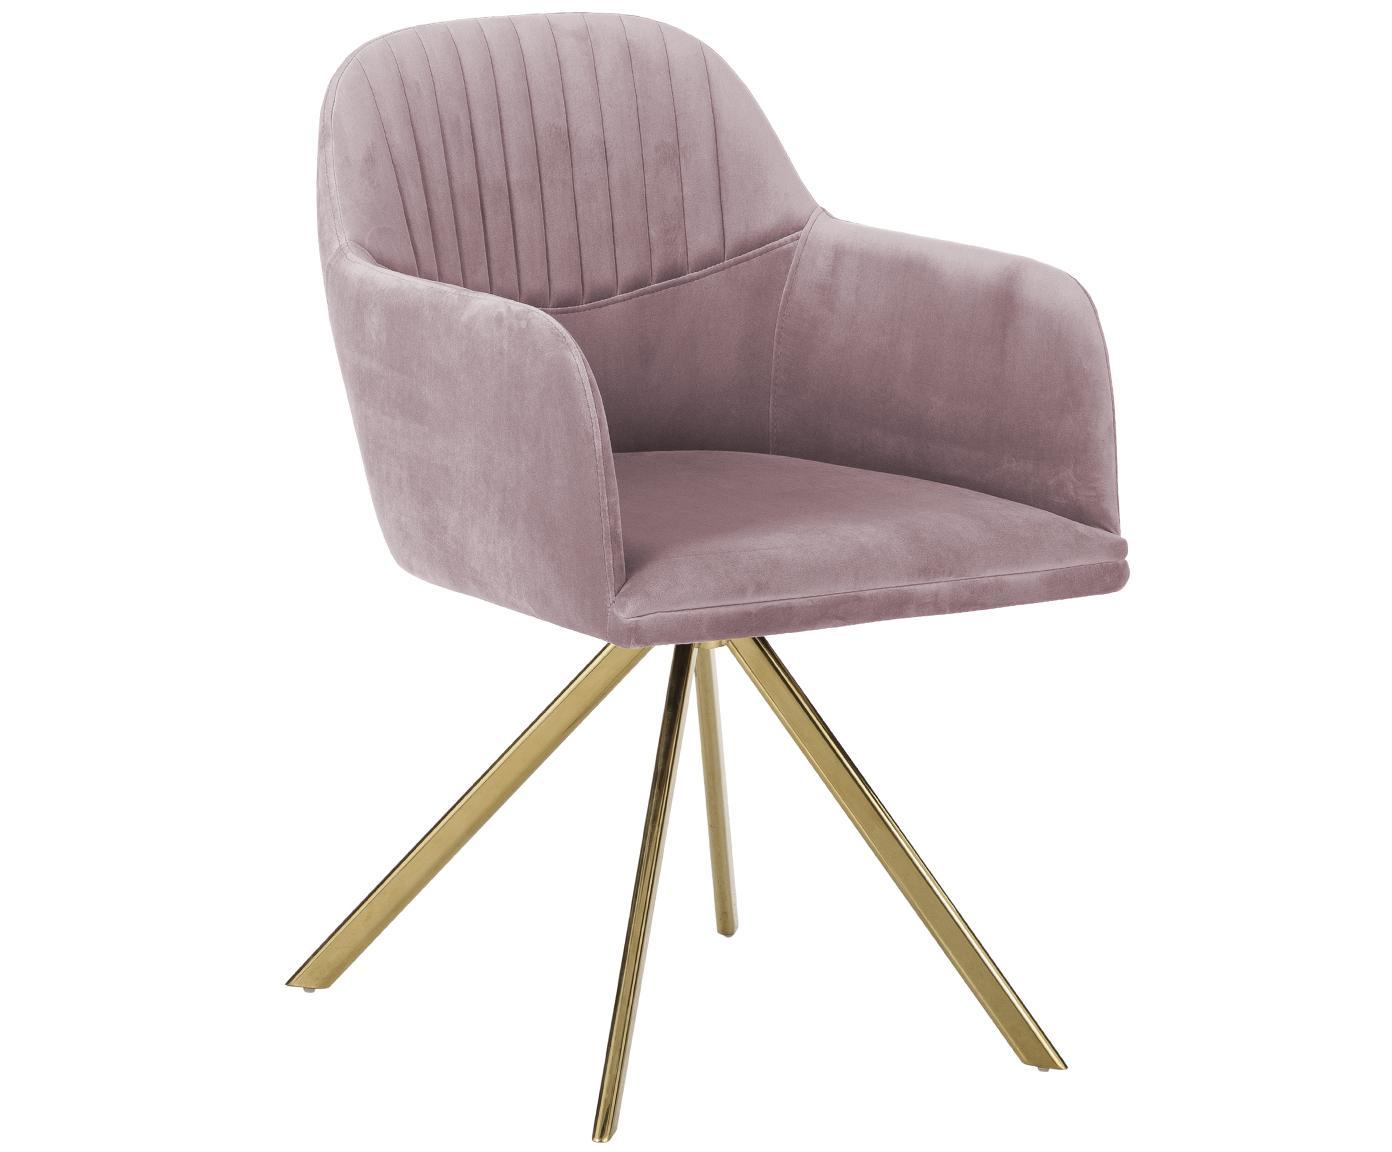 Samt-Drehstuhl Lola mit Armlehne, Bezug: Samt (100% Polyester) 50., Beine: Metall, galvanisiert, Samt Mauve, Beine Gold, B 55 x T 52 cm